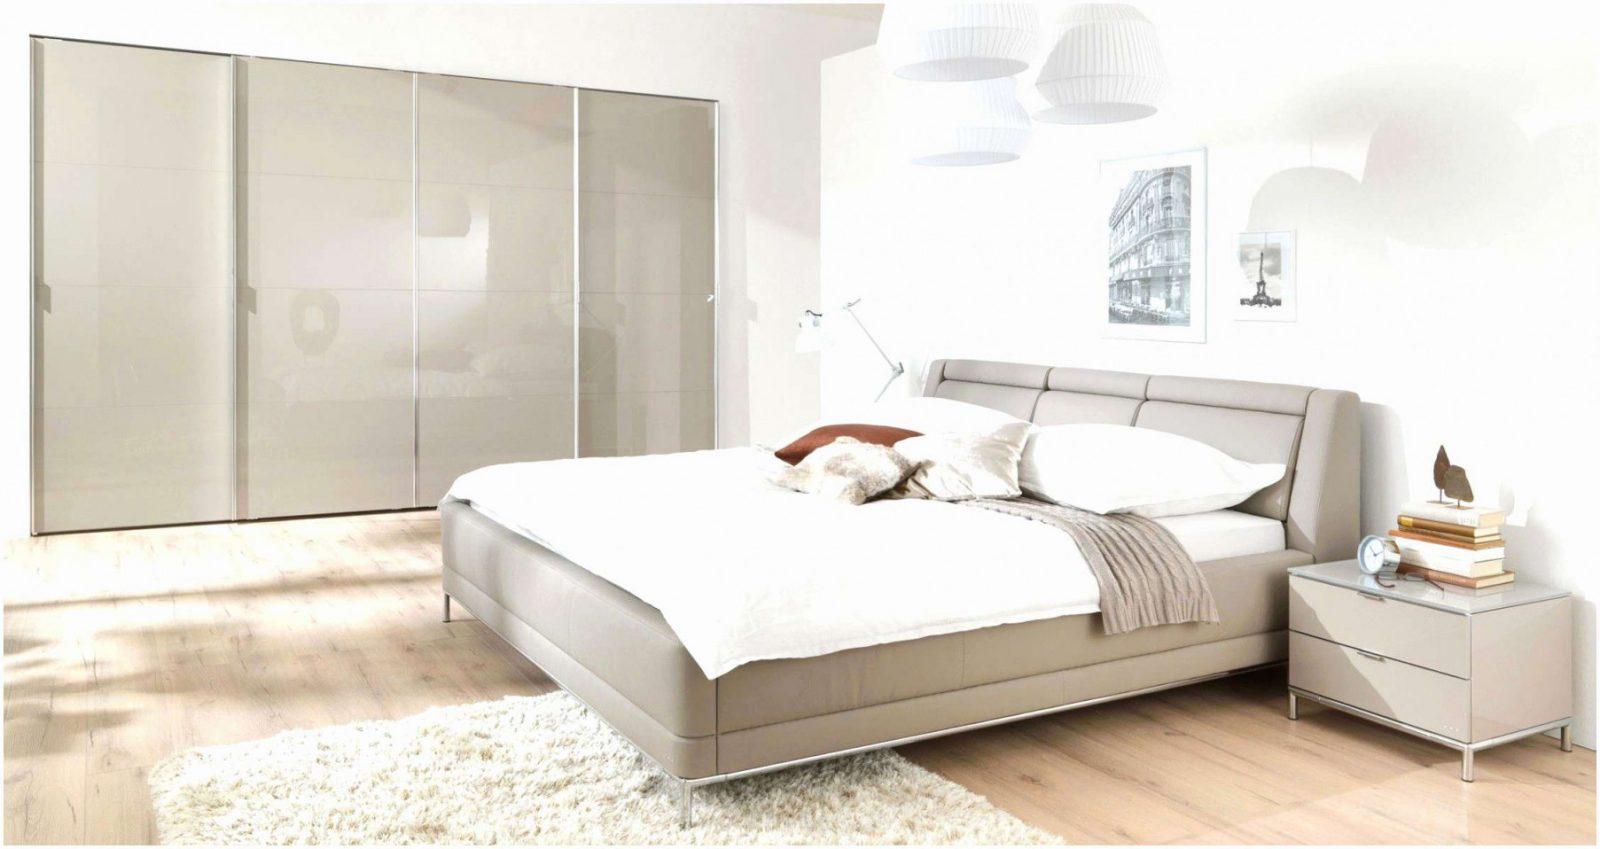 Schlafzimmer Dekorieren Romantisch Konzepte Weihnachtsdeko von Schlafzimmer Ideen Romantisch Photo